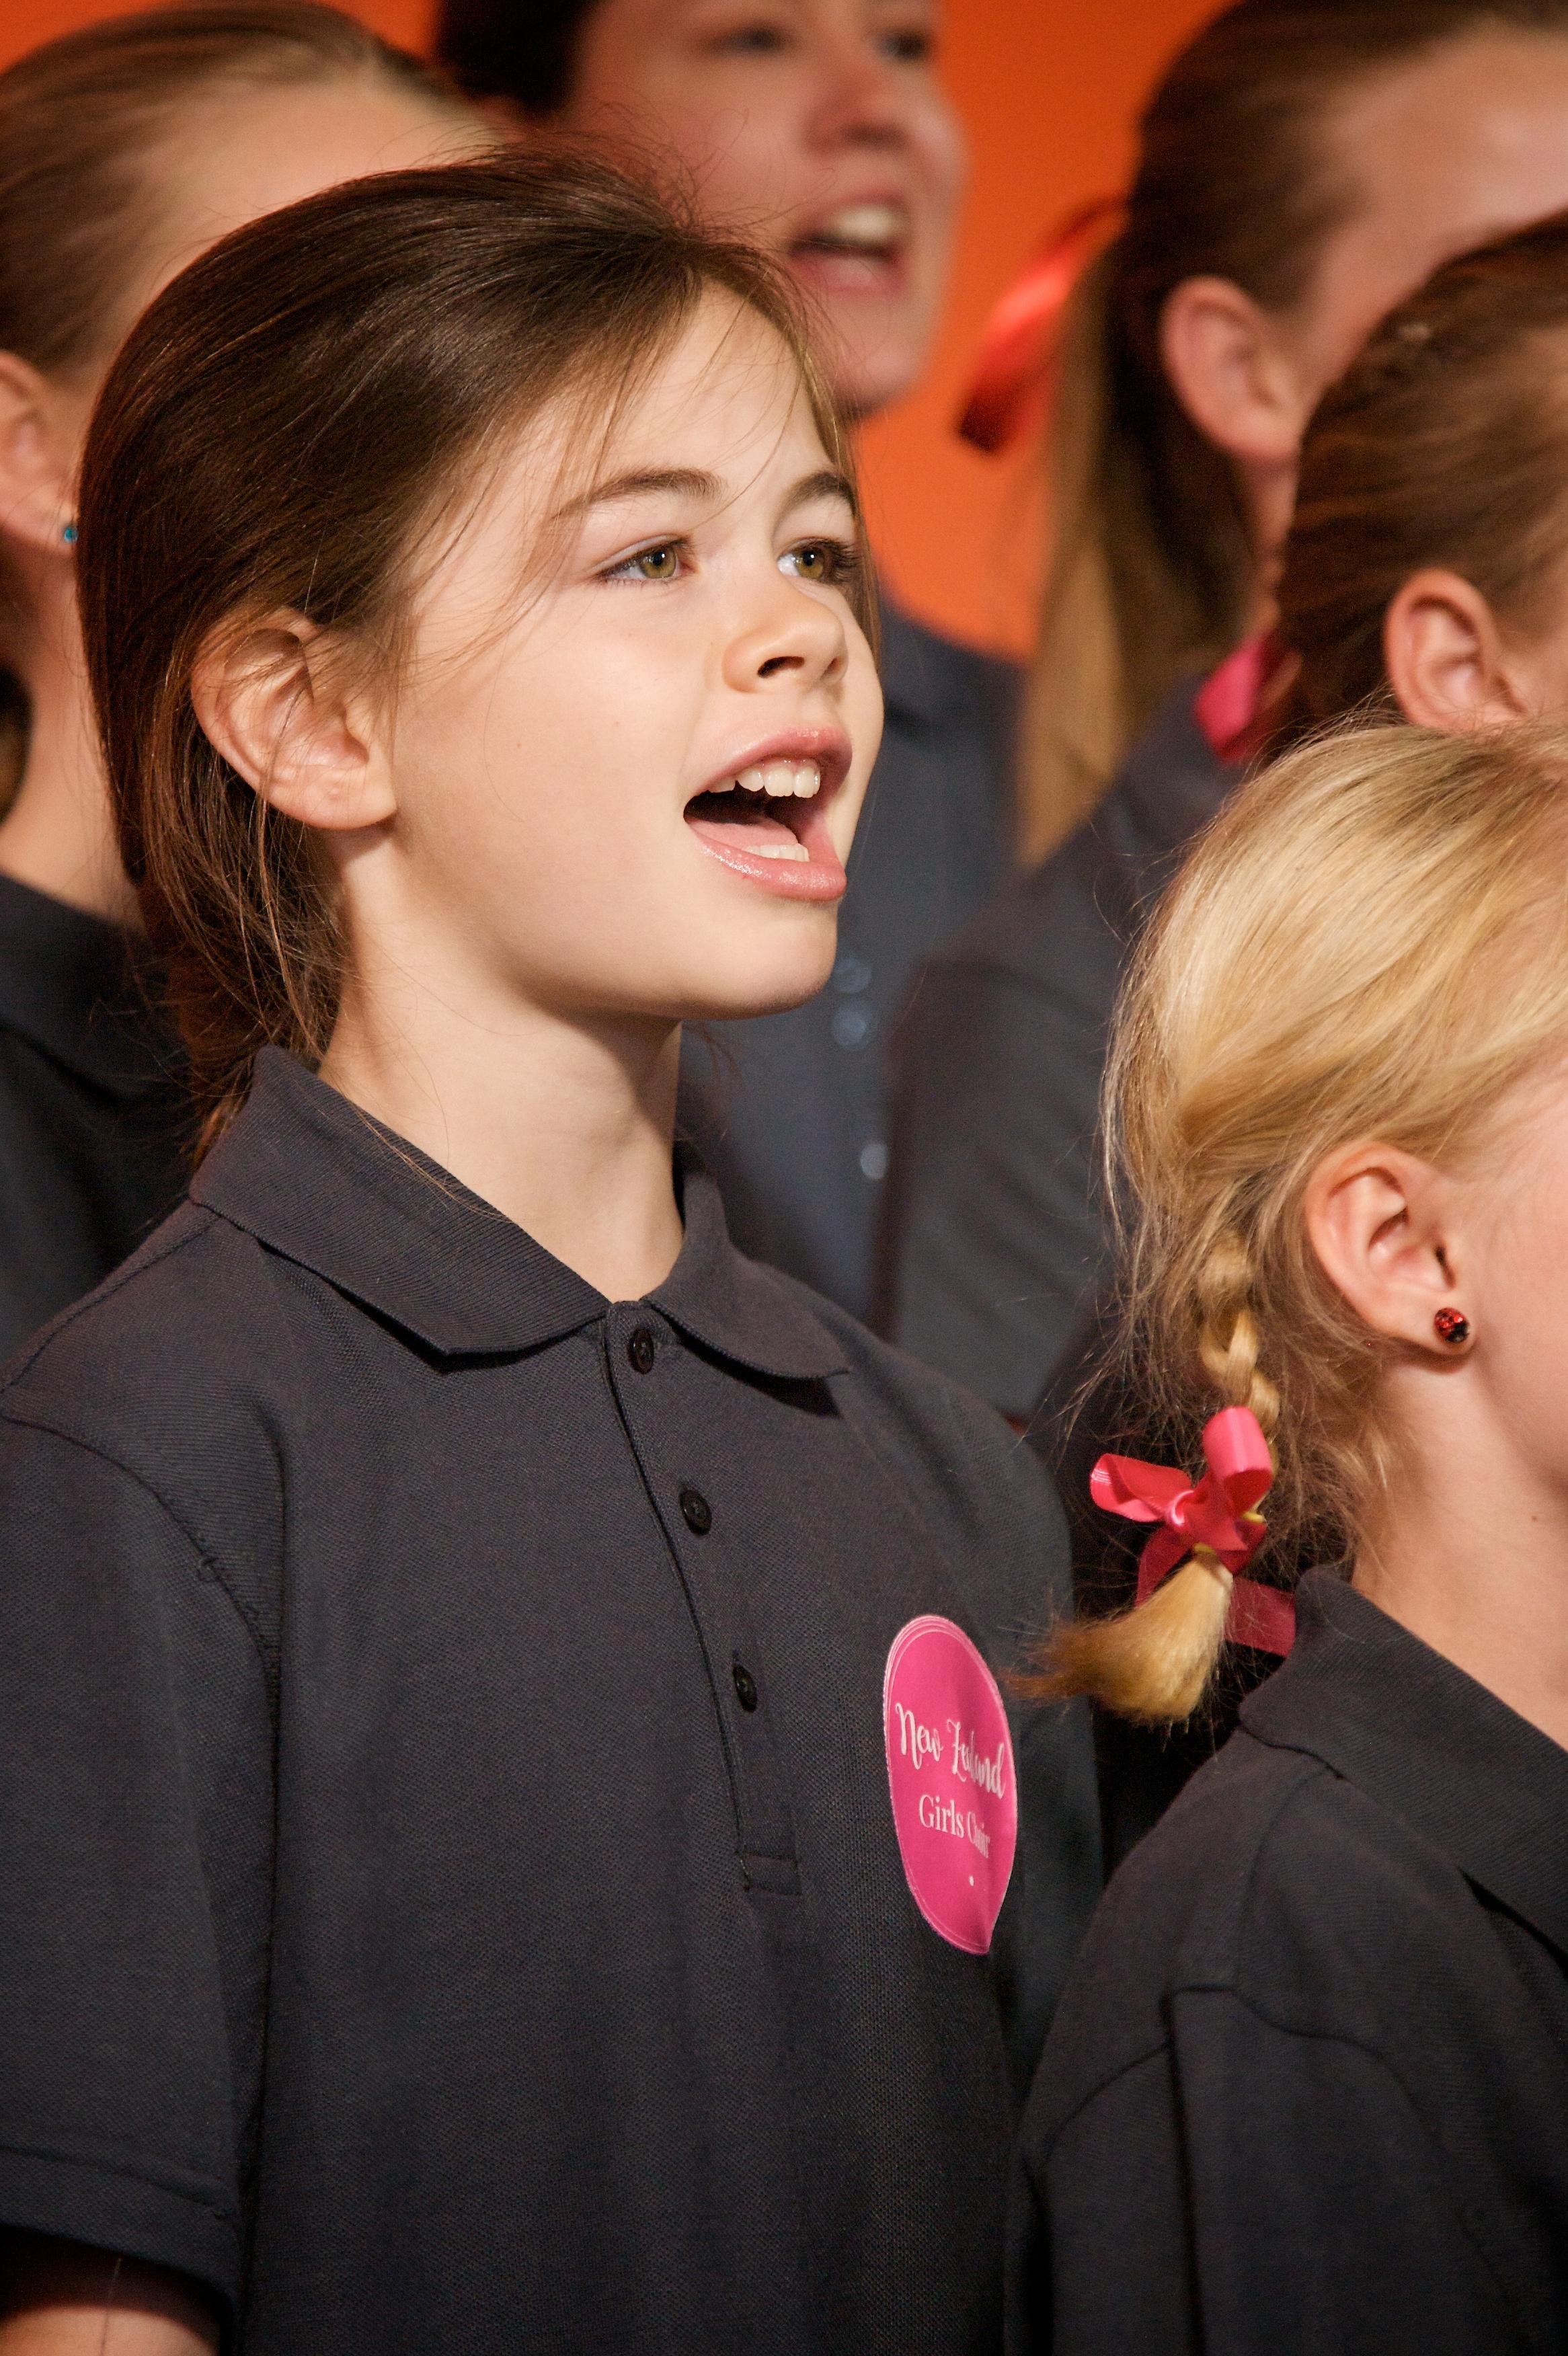 children's choir north shore